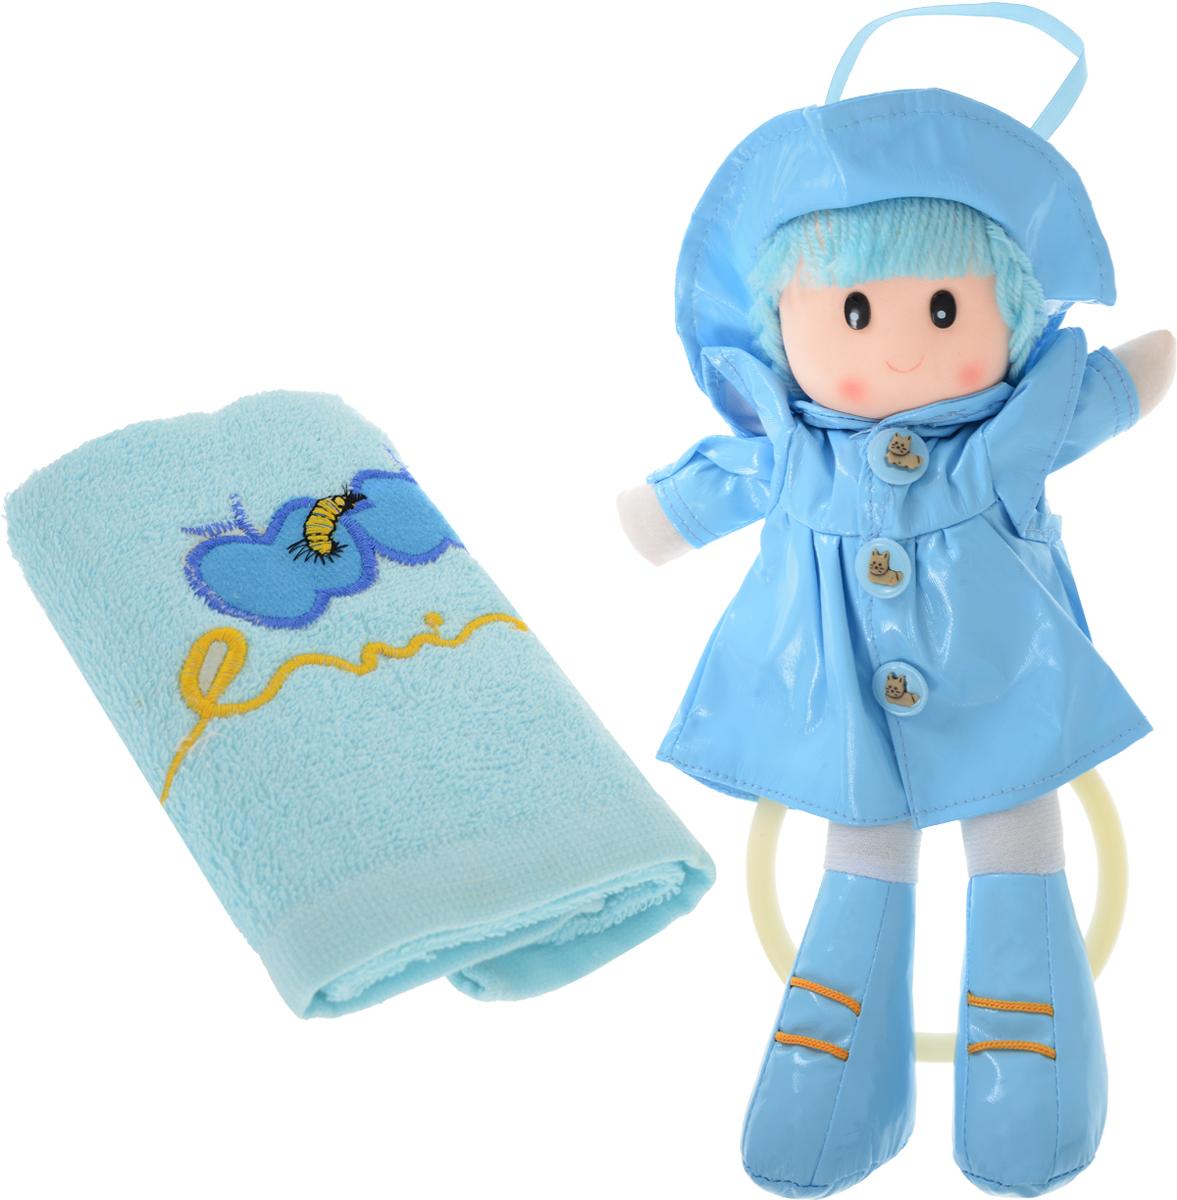 Sima-land Мягкая кукла Аня с держателем и полотенцем цвет желтый цвет голубой sima land мягкая кукла оля с держателем и полотенцем цвет желтый